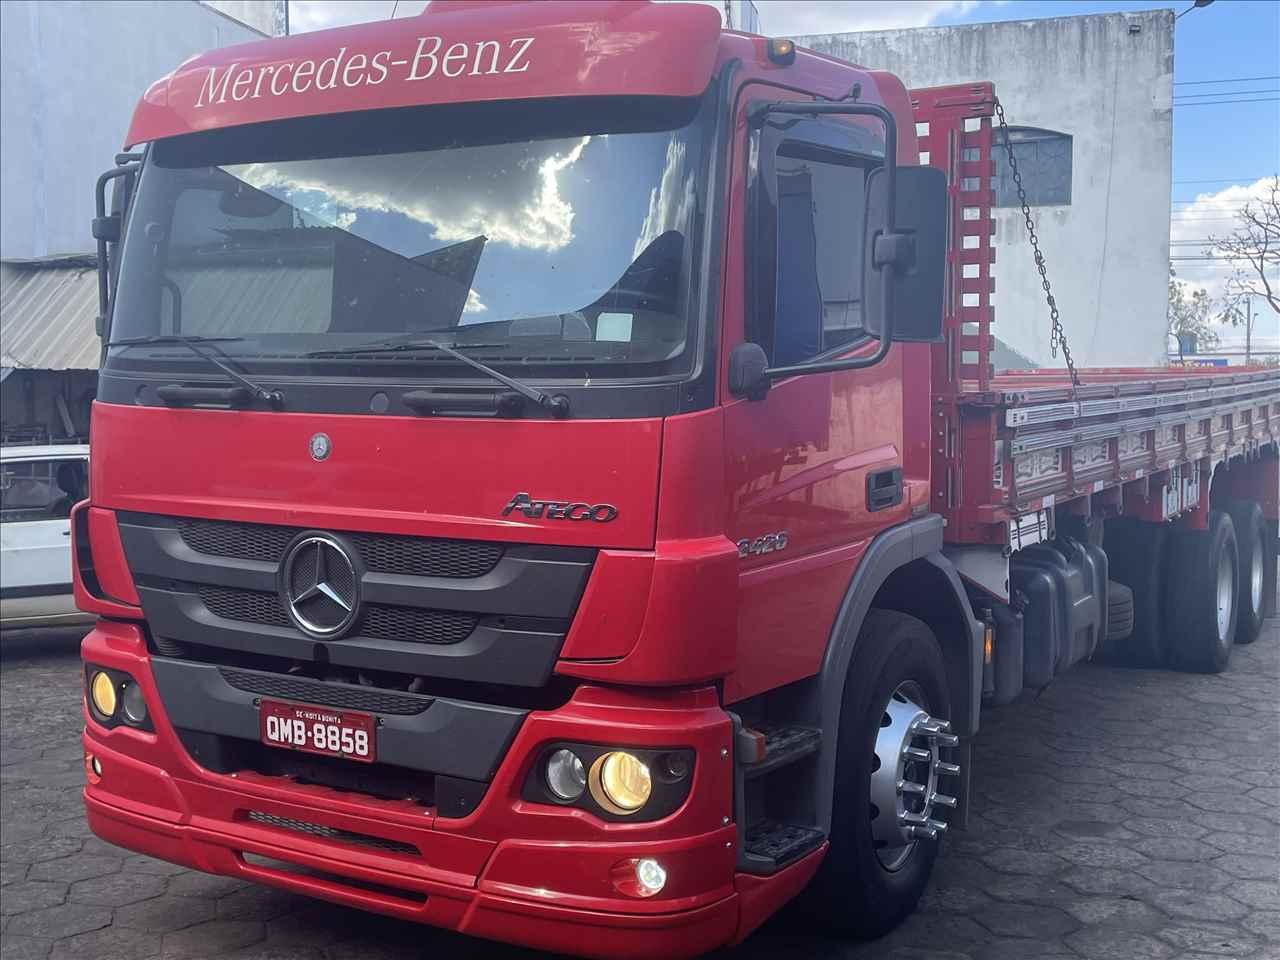 CAMINHAO MERCEDES-BENZ MB 2426 Carga Seca Truck 6x2 Gaúcho Caminhões ANAPOLIS GOIAS GO